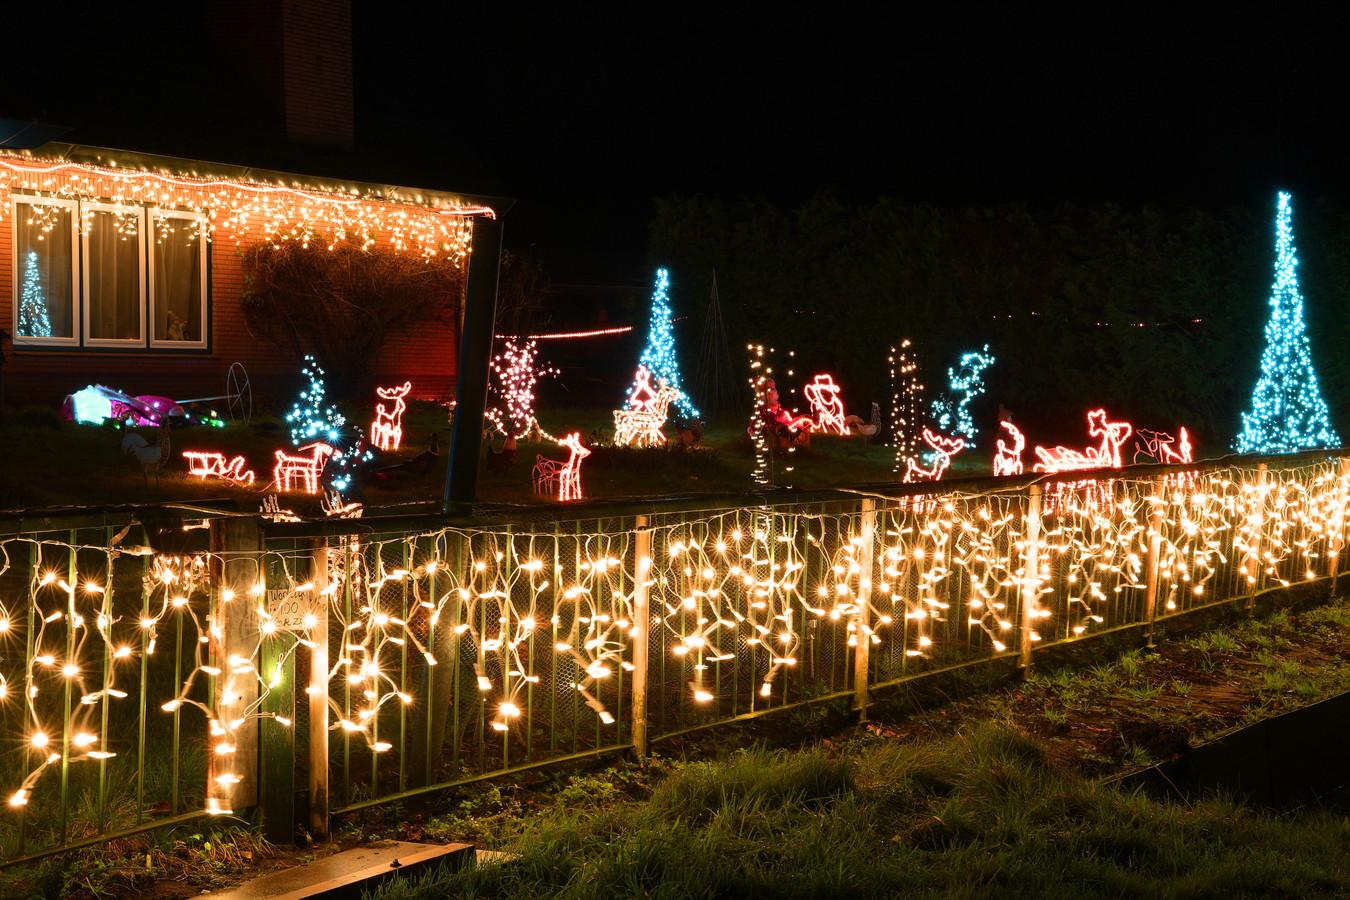 Huizen in Bavel helemaal omgebouwd tot kersthuis in kleur, licht en sfeer.